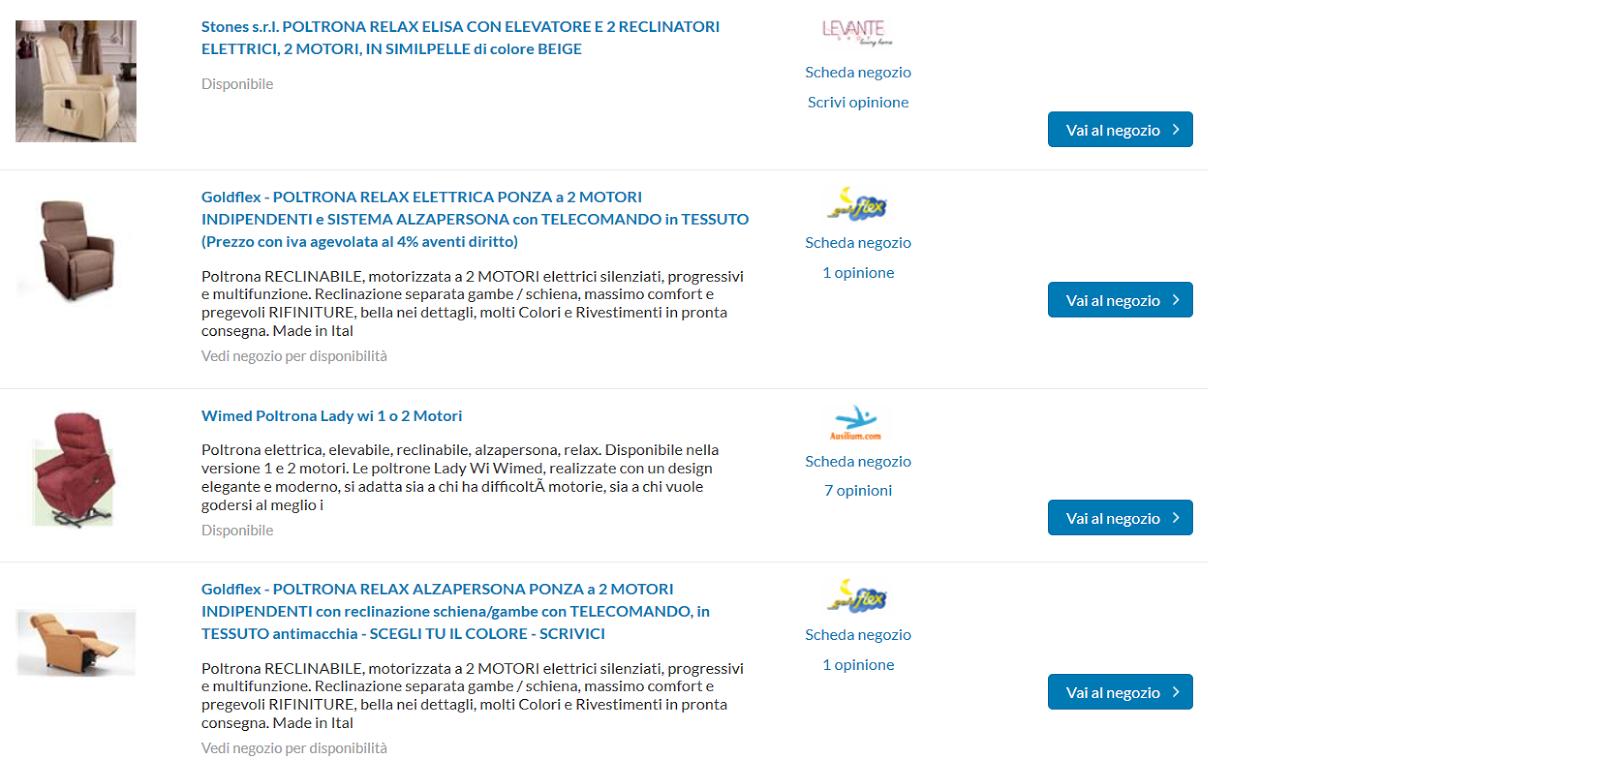 Opinioni su poltrone elettriche economiche online prezzi for Poltrone elettriche per anziani amazon